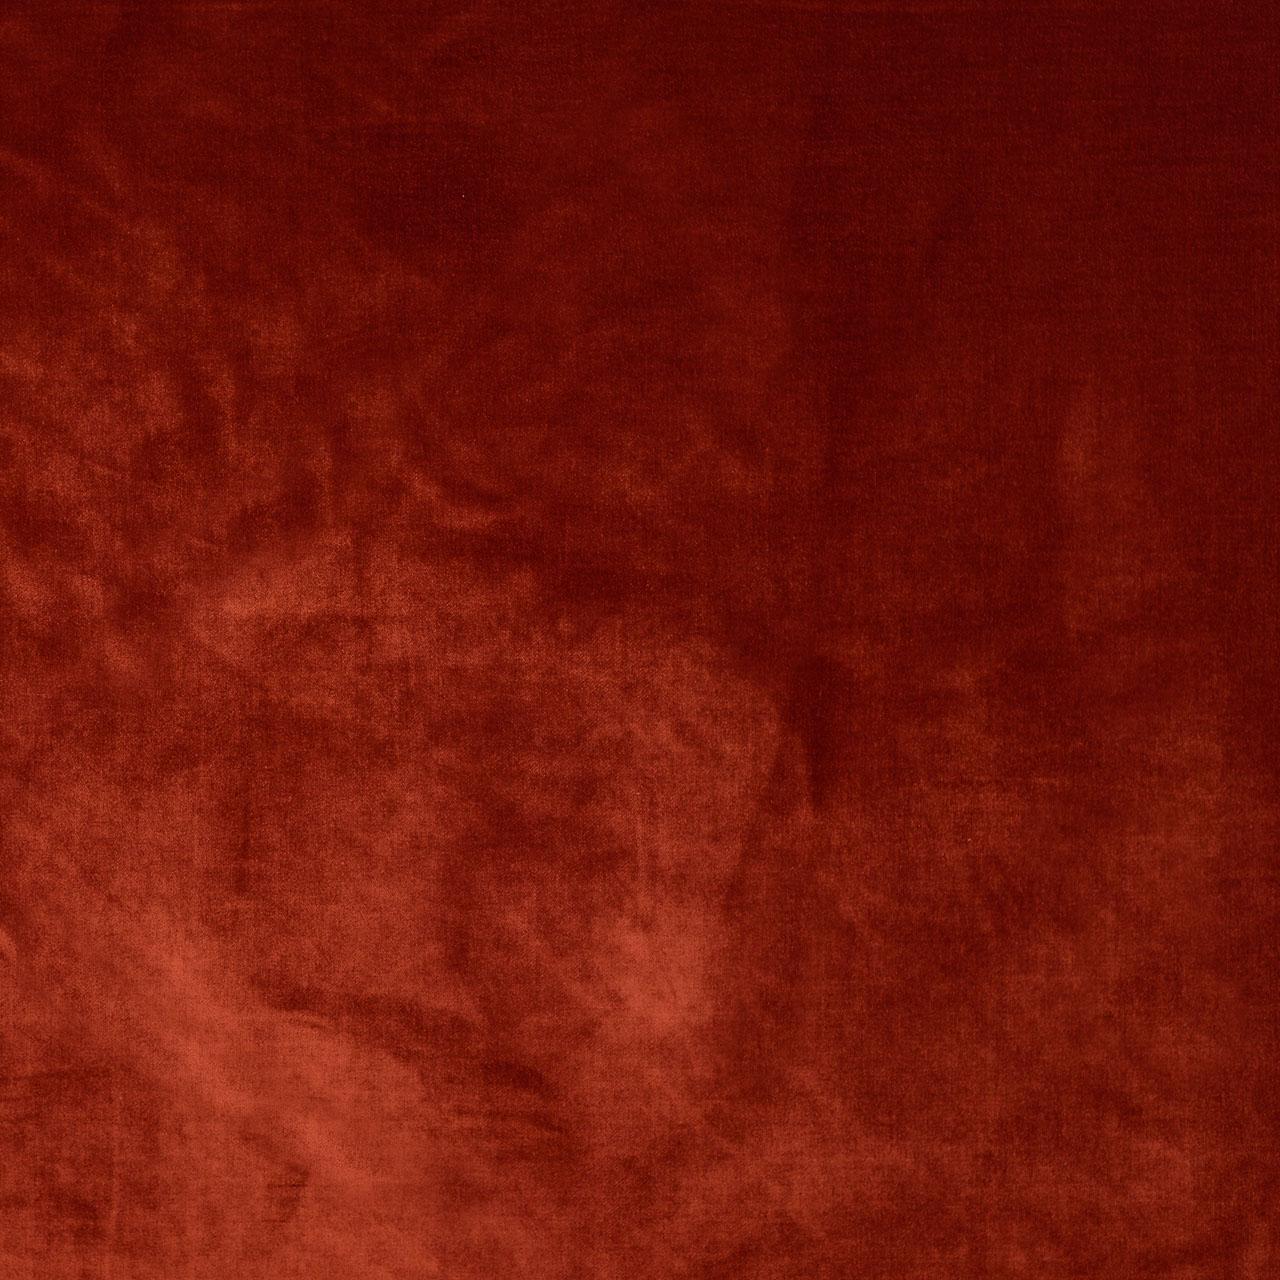 Купить тканей для штор в санкт петербурге пан в ткани что это